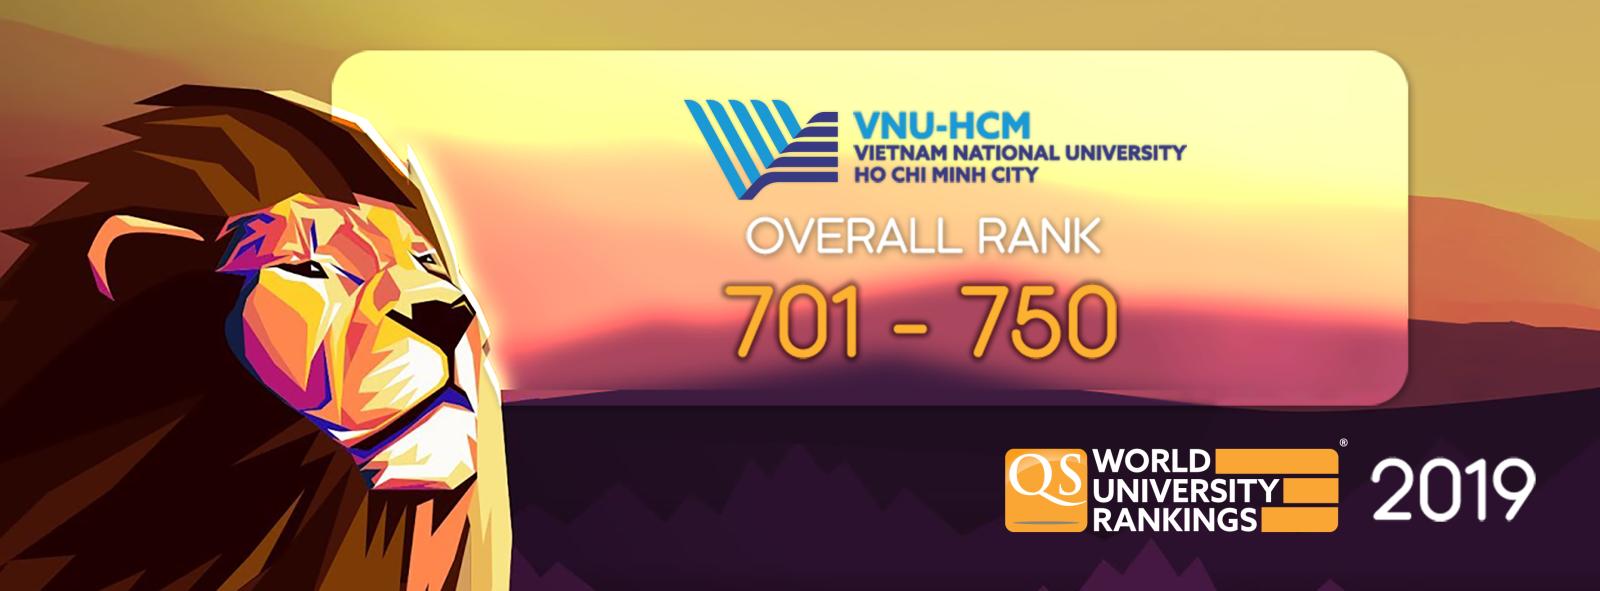 ĐHQG-HCM đứng top 701-750 trong Bảng xếp hạng QS World